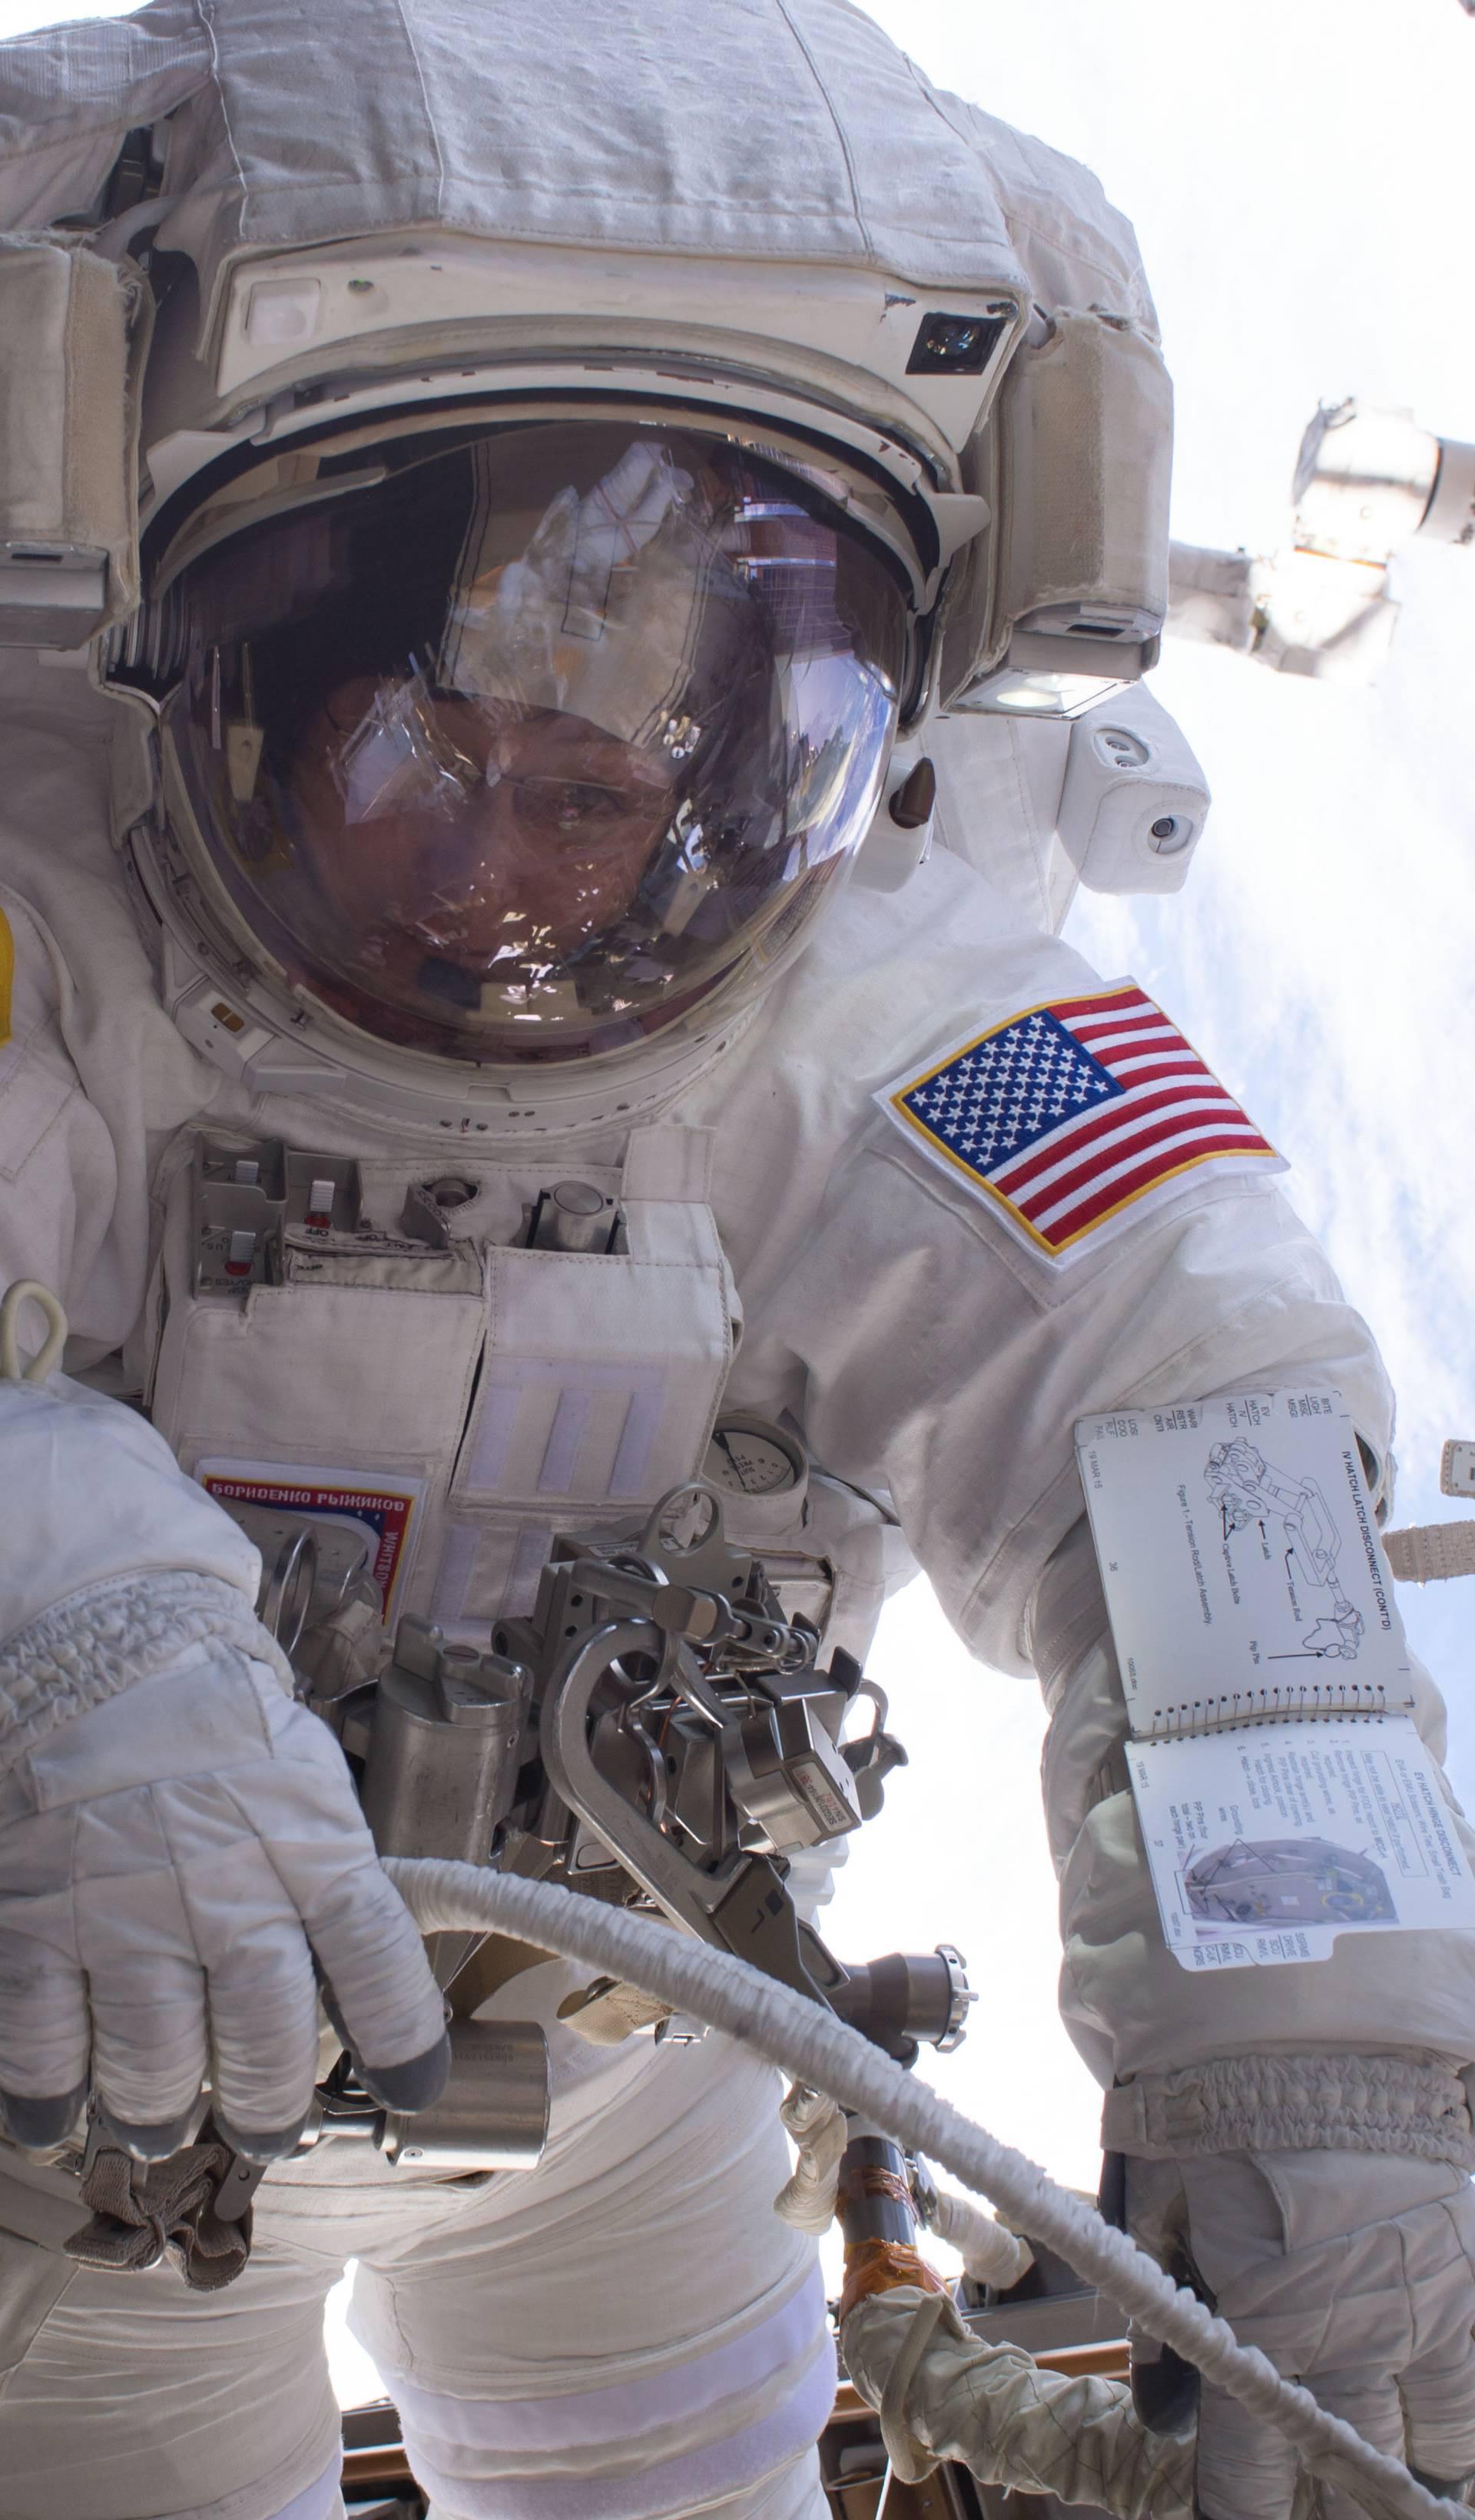 Zbog kvara računala astronauti izlaze u hitnu svemirsku šetnju